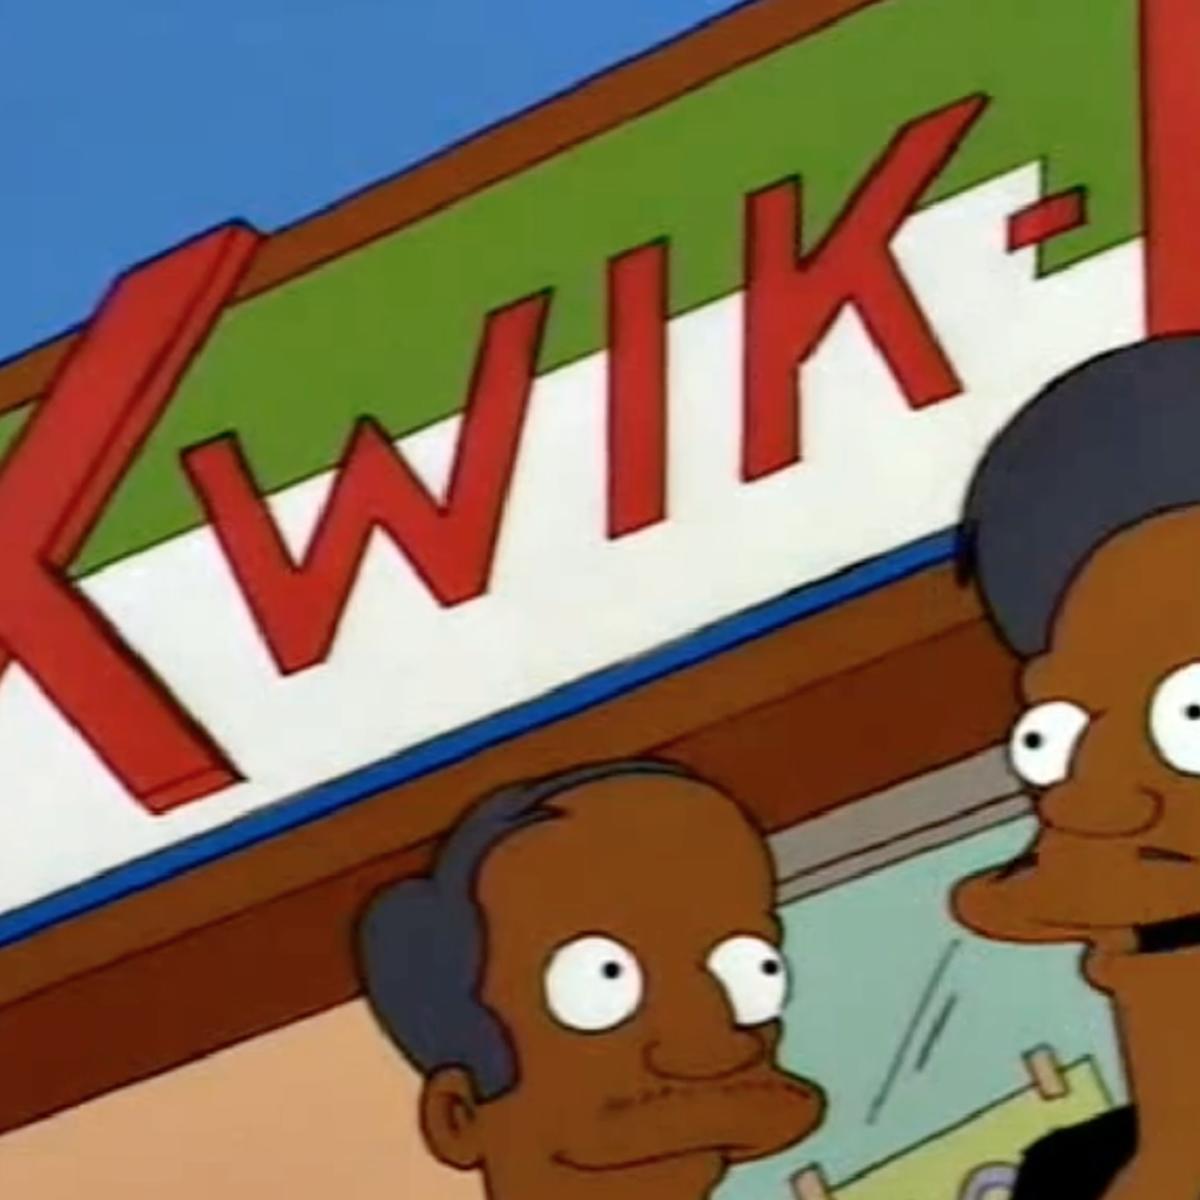 Simpsons Kwik-E-Mart